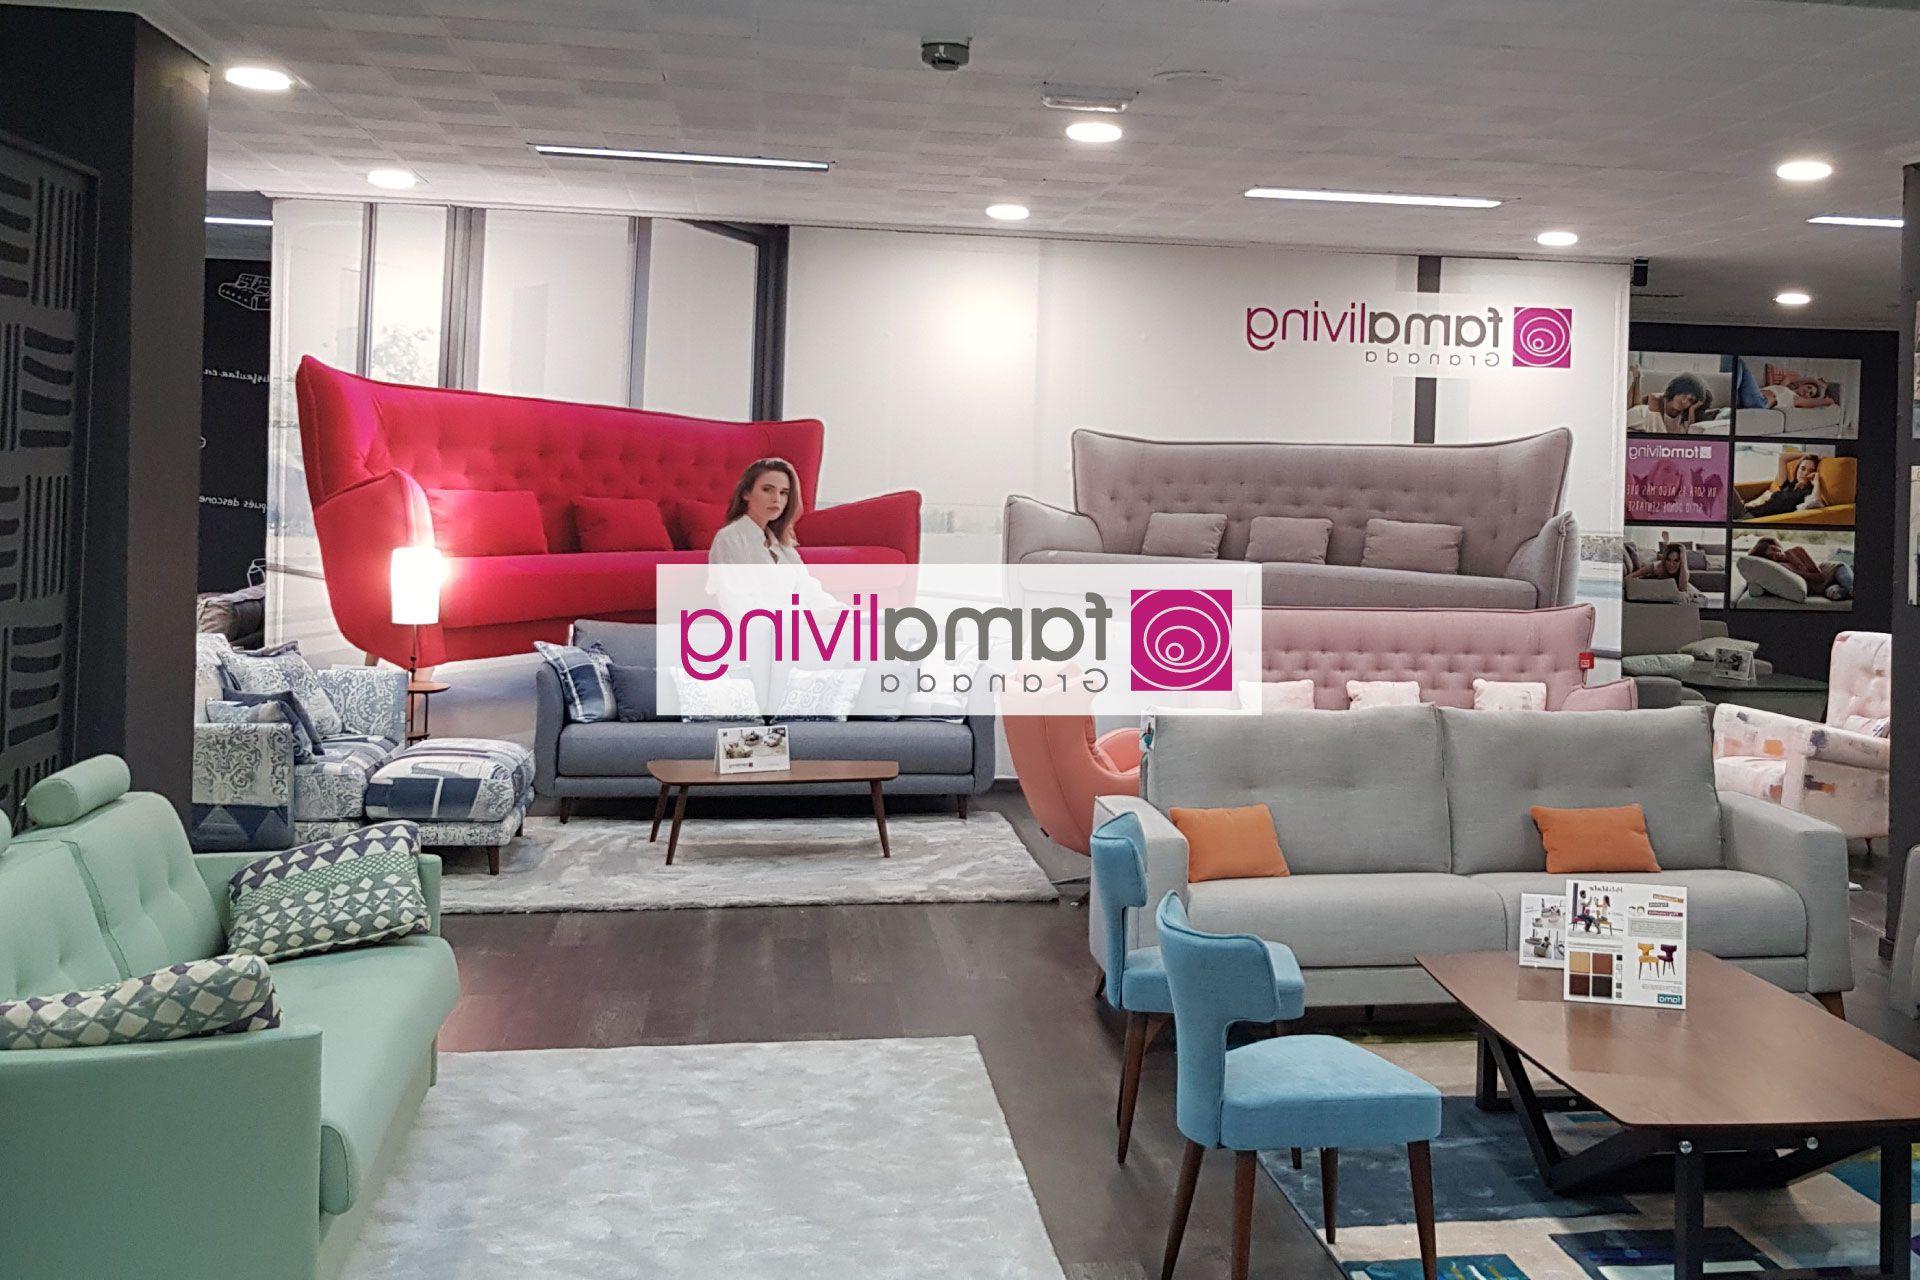 Tiendas De sofas En Granada Ftd8 Famaliving Granada Tienda De sofà S